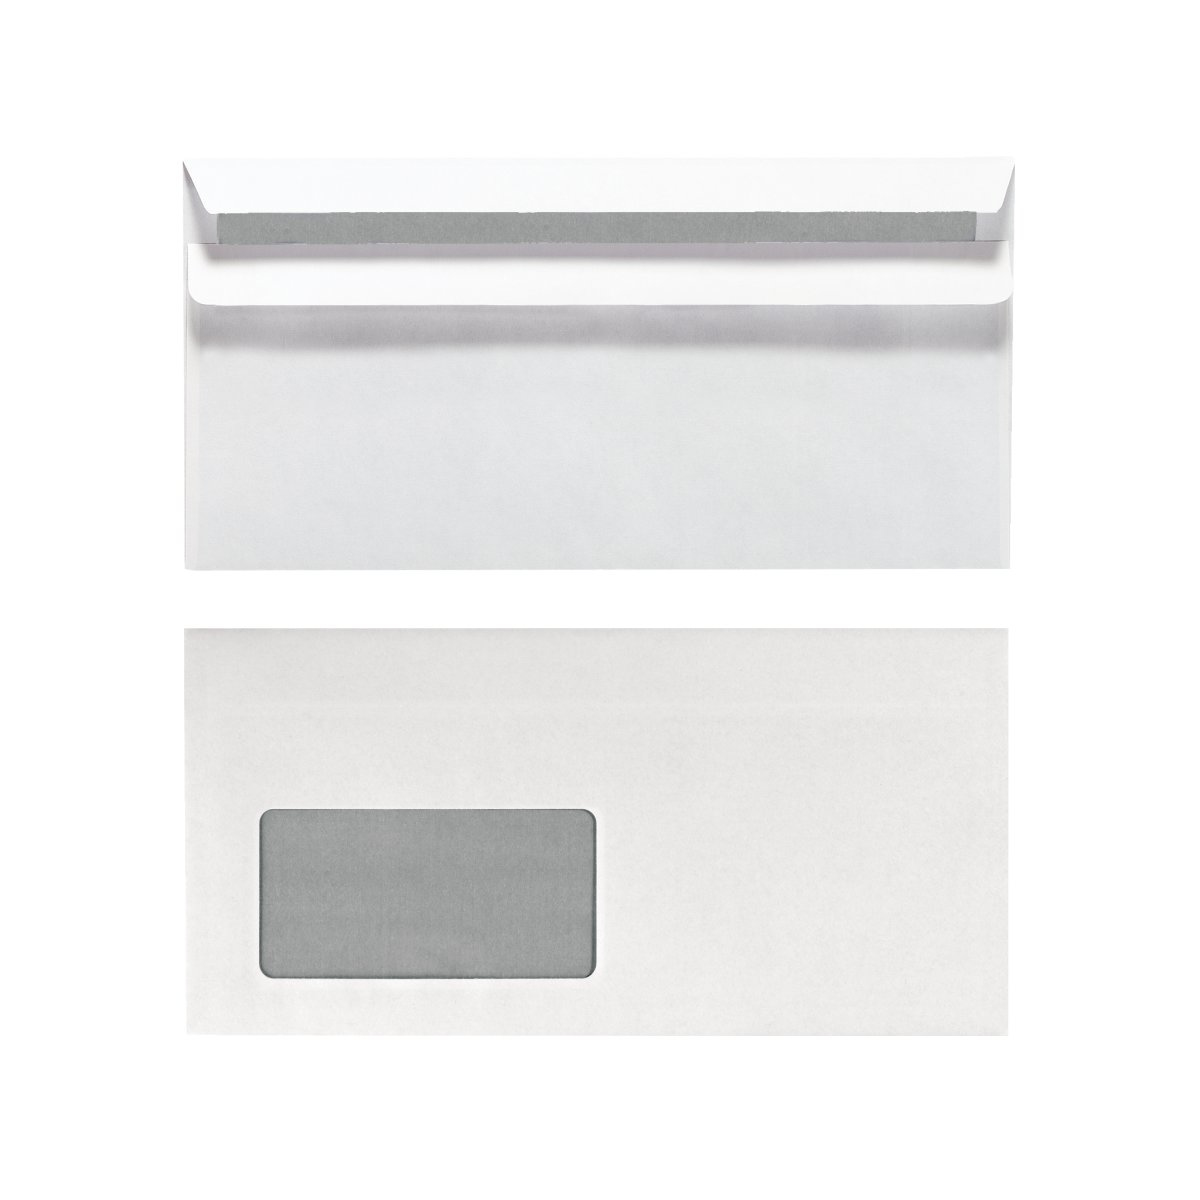 Herlitz 11285541 - DL (110 x 220 mm) - Papier - Weiß - 75 g/m² - 110 mm - 22 cm